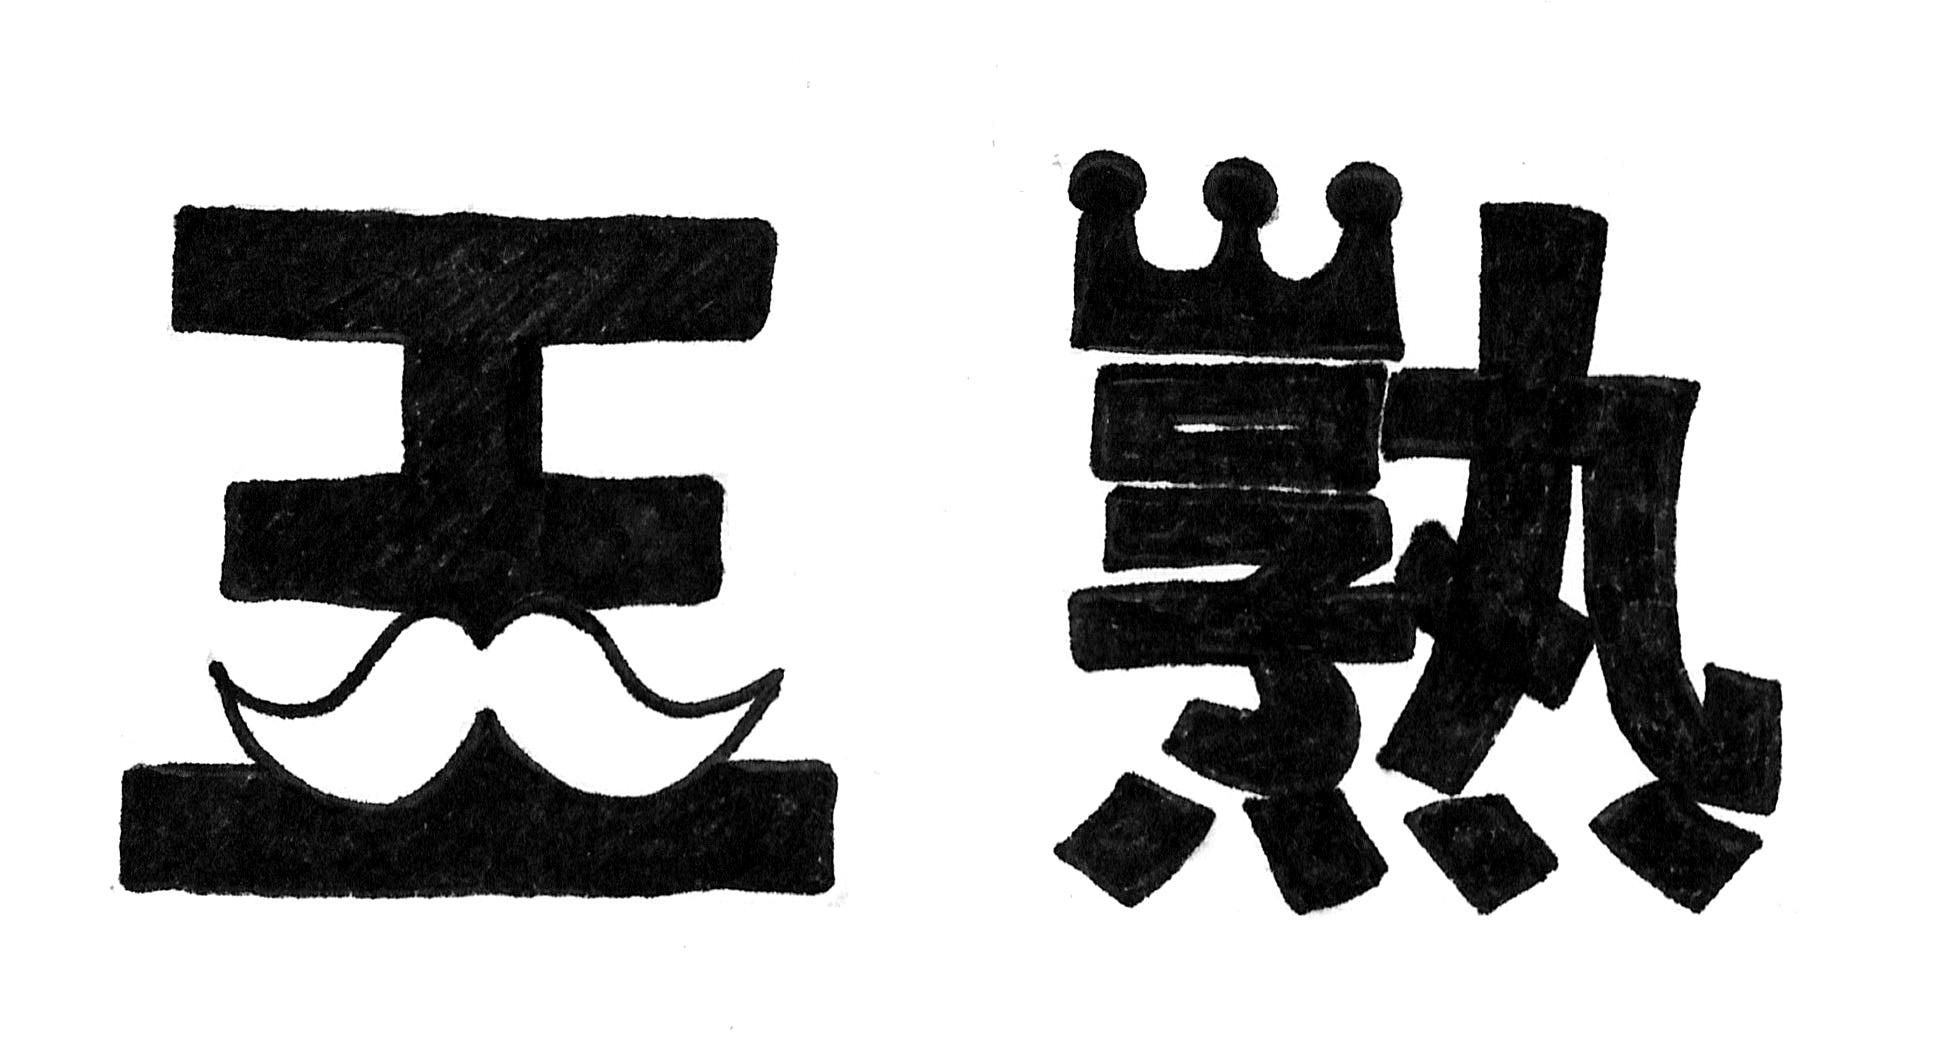 新商品「王熟」石窯生クリーム食パンのロゴ決定(^^)